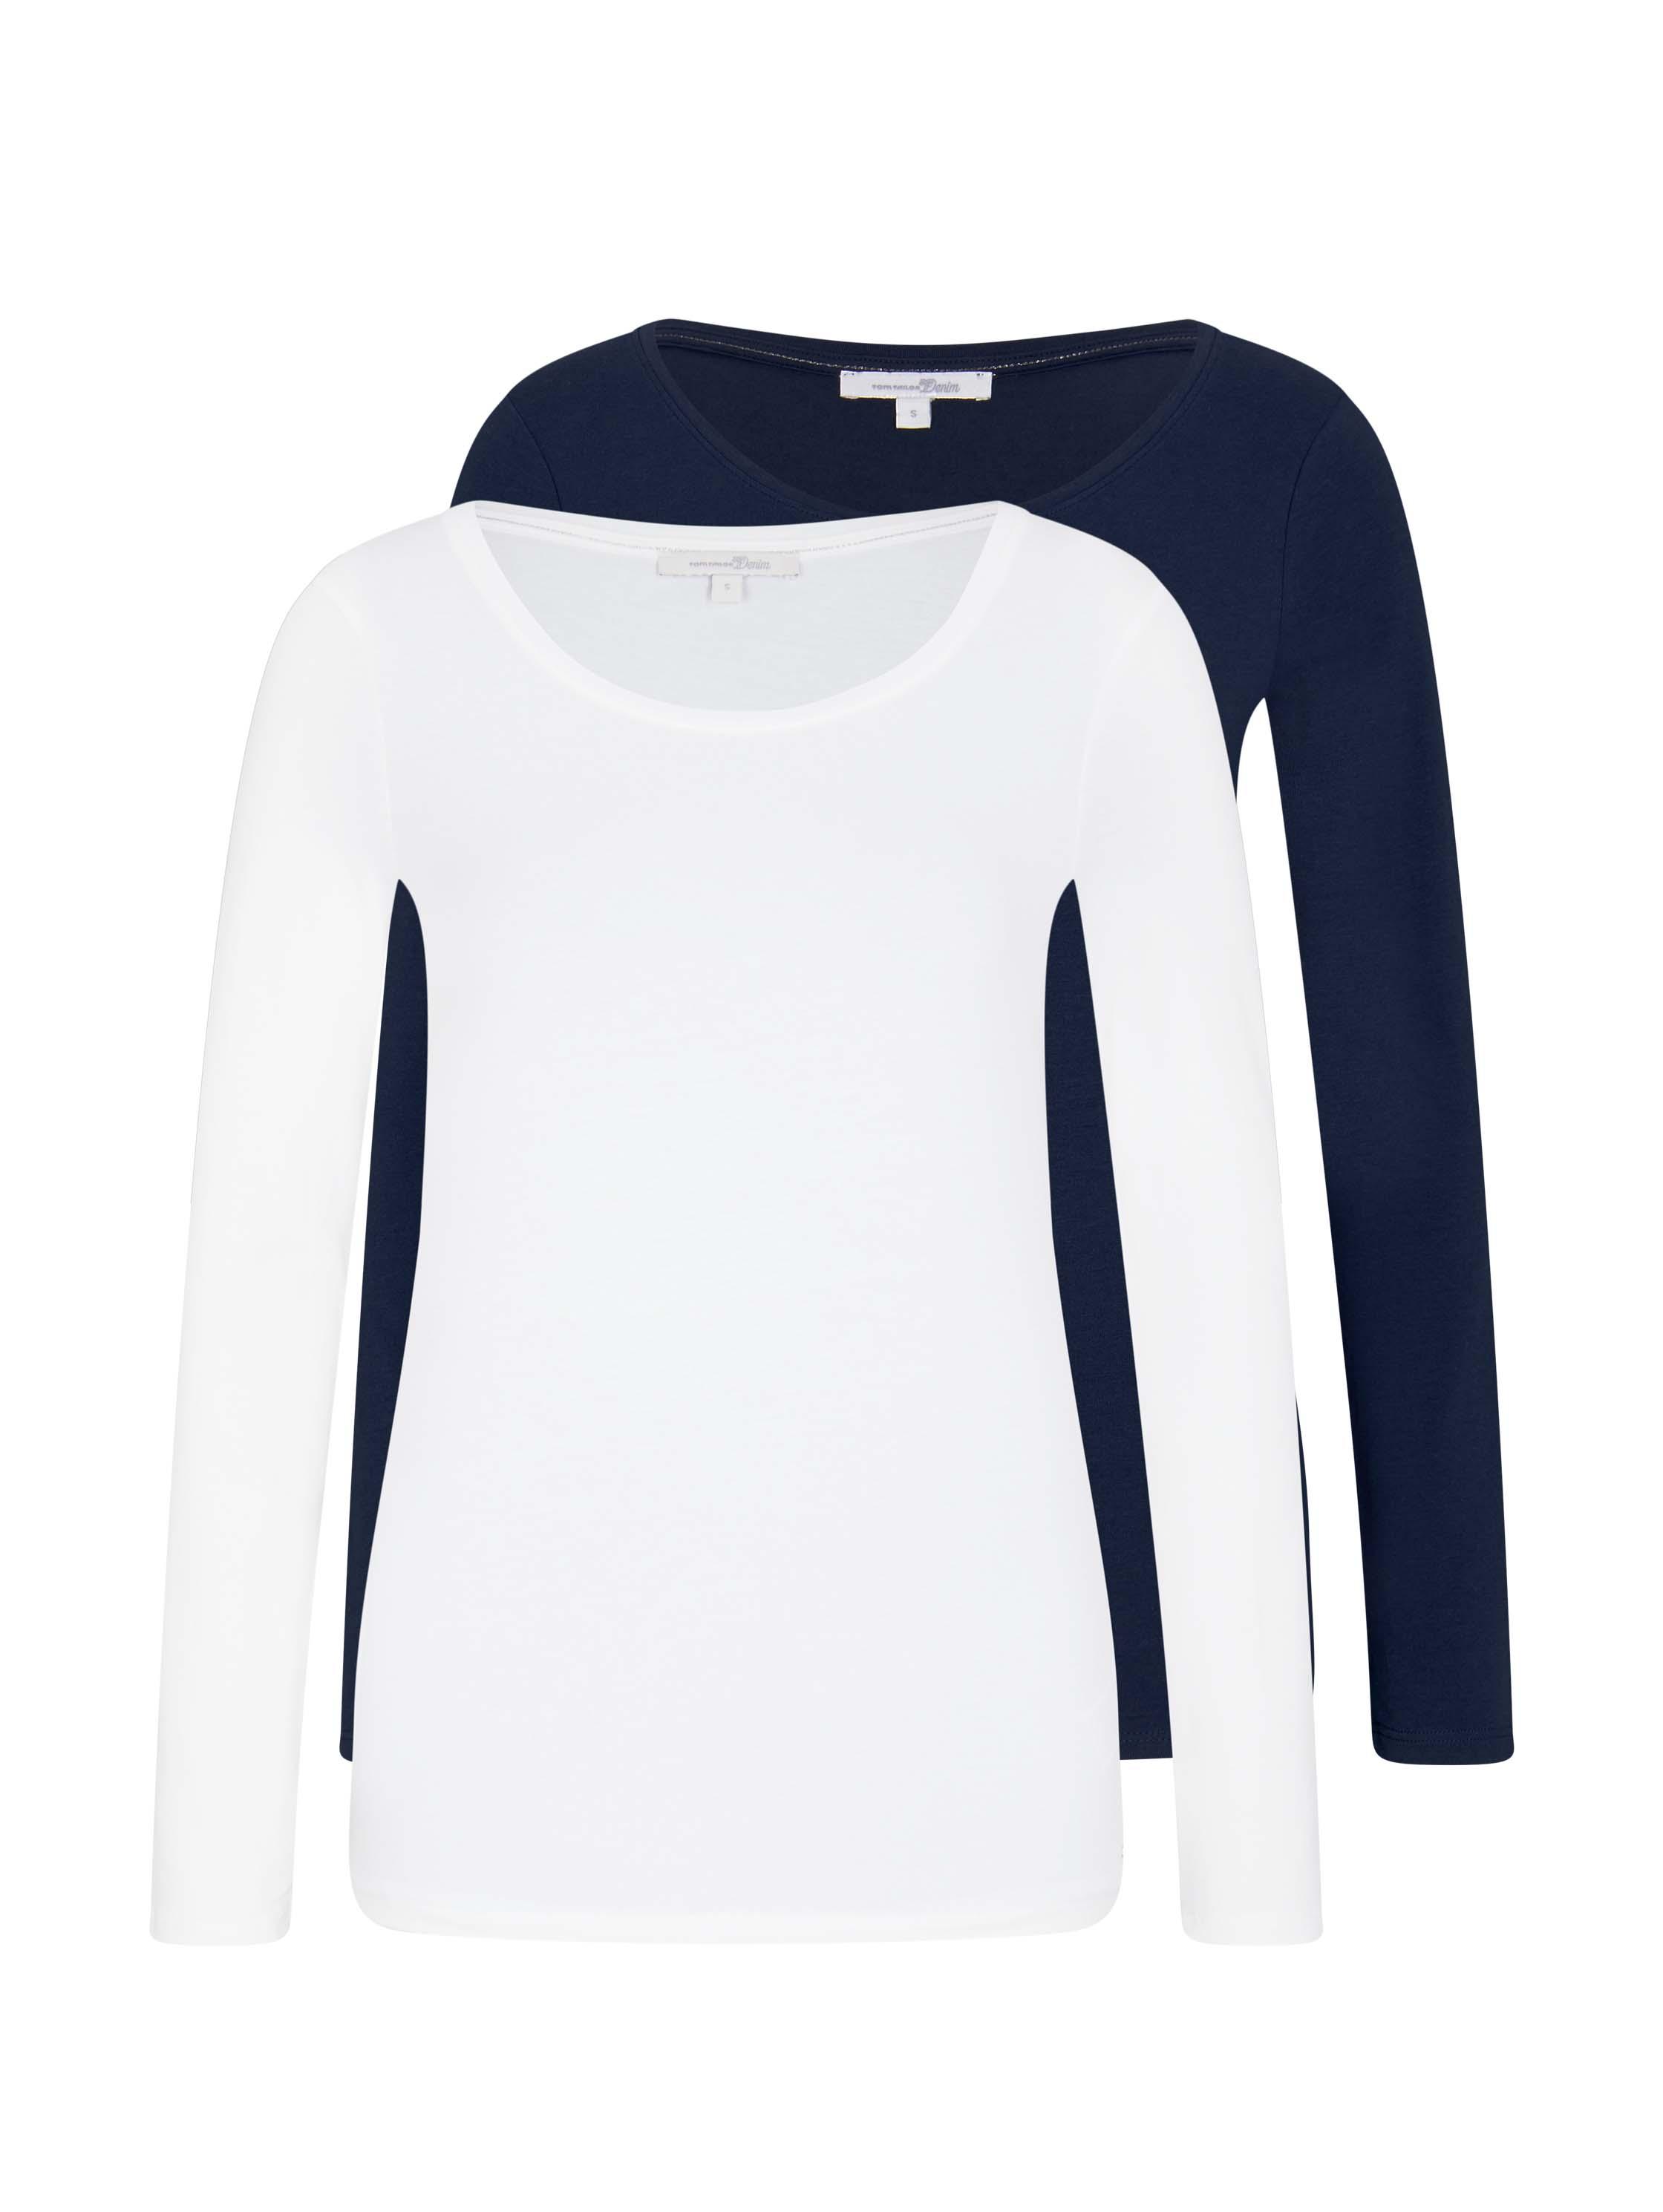 Langarm-Shirt TOM TAILOR Denim